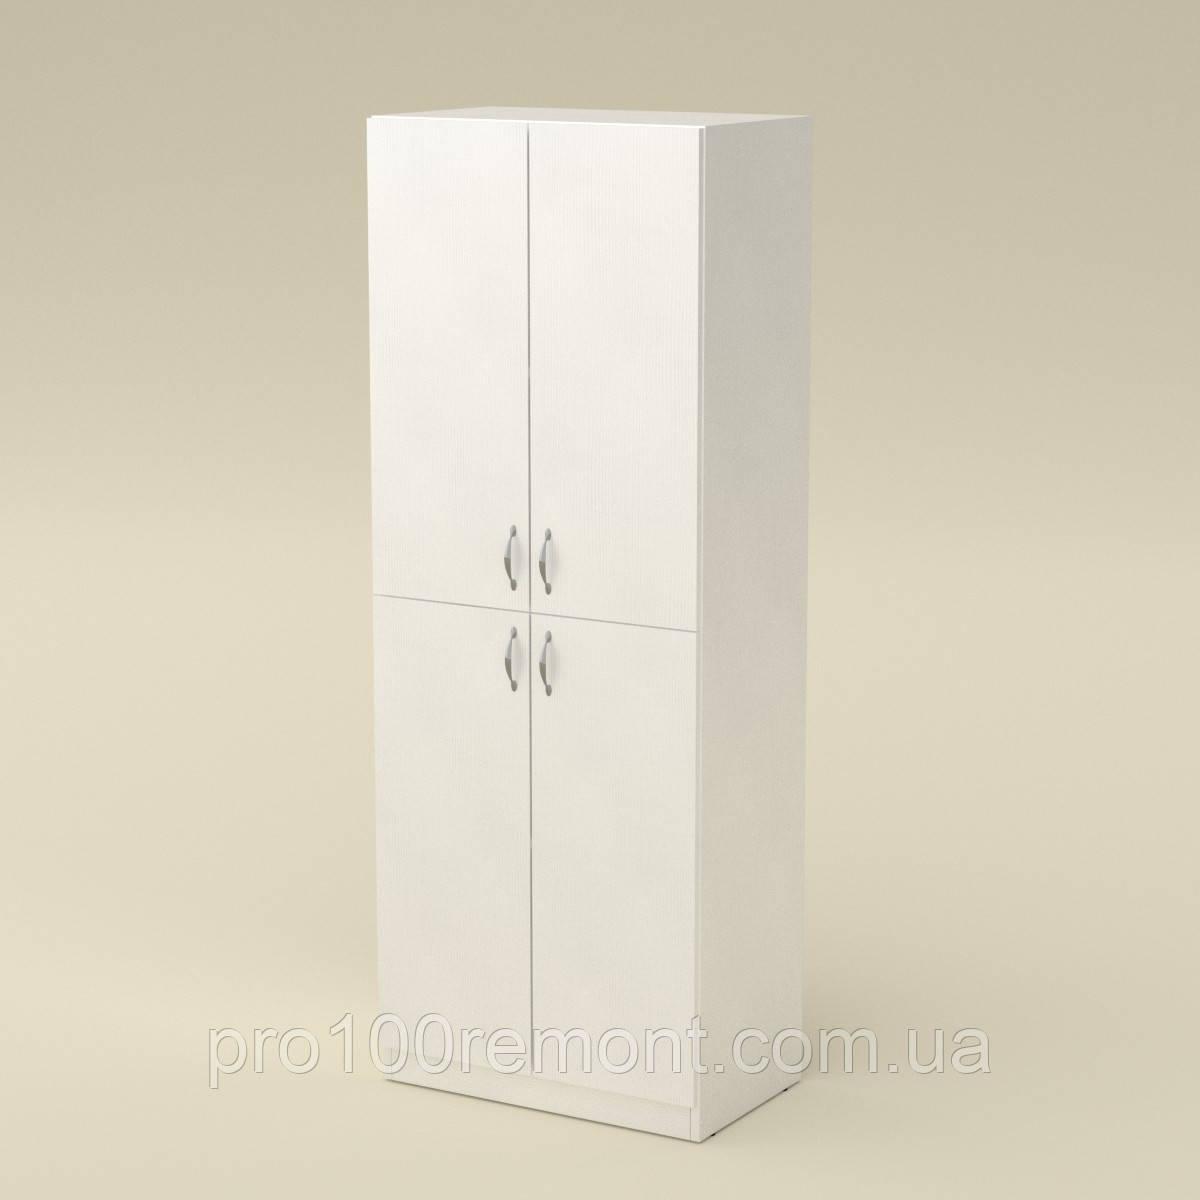 Шкаф универсальный КШ-12 от Компанит